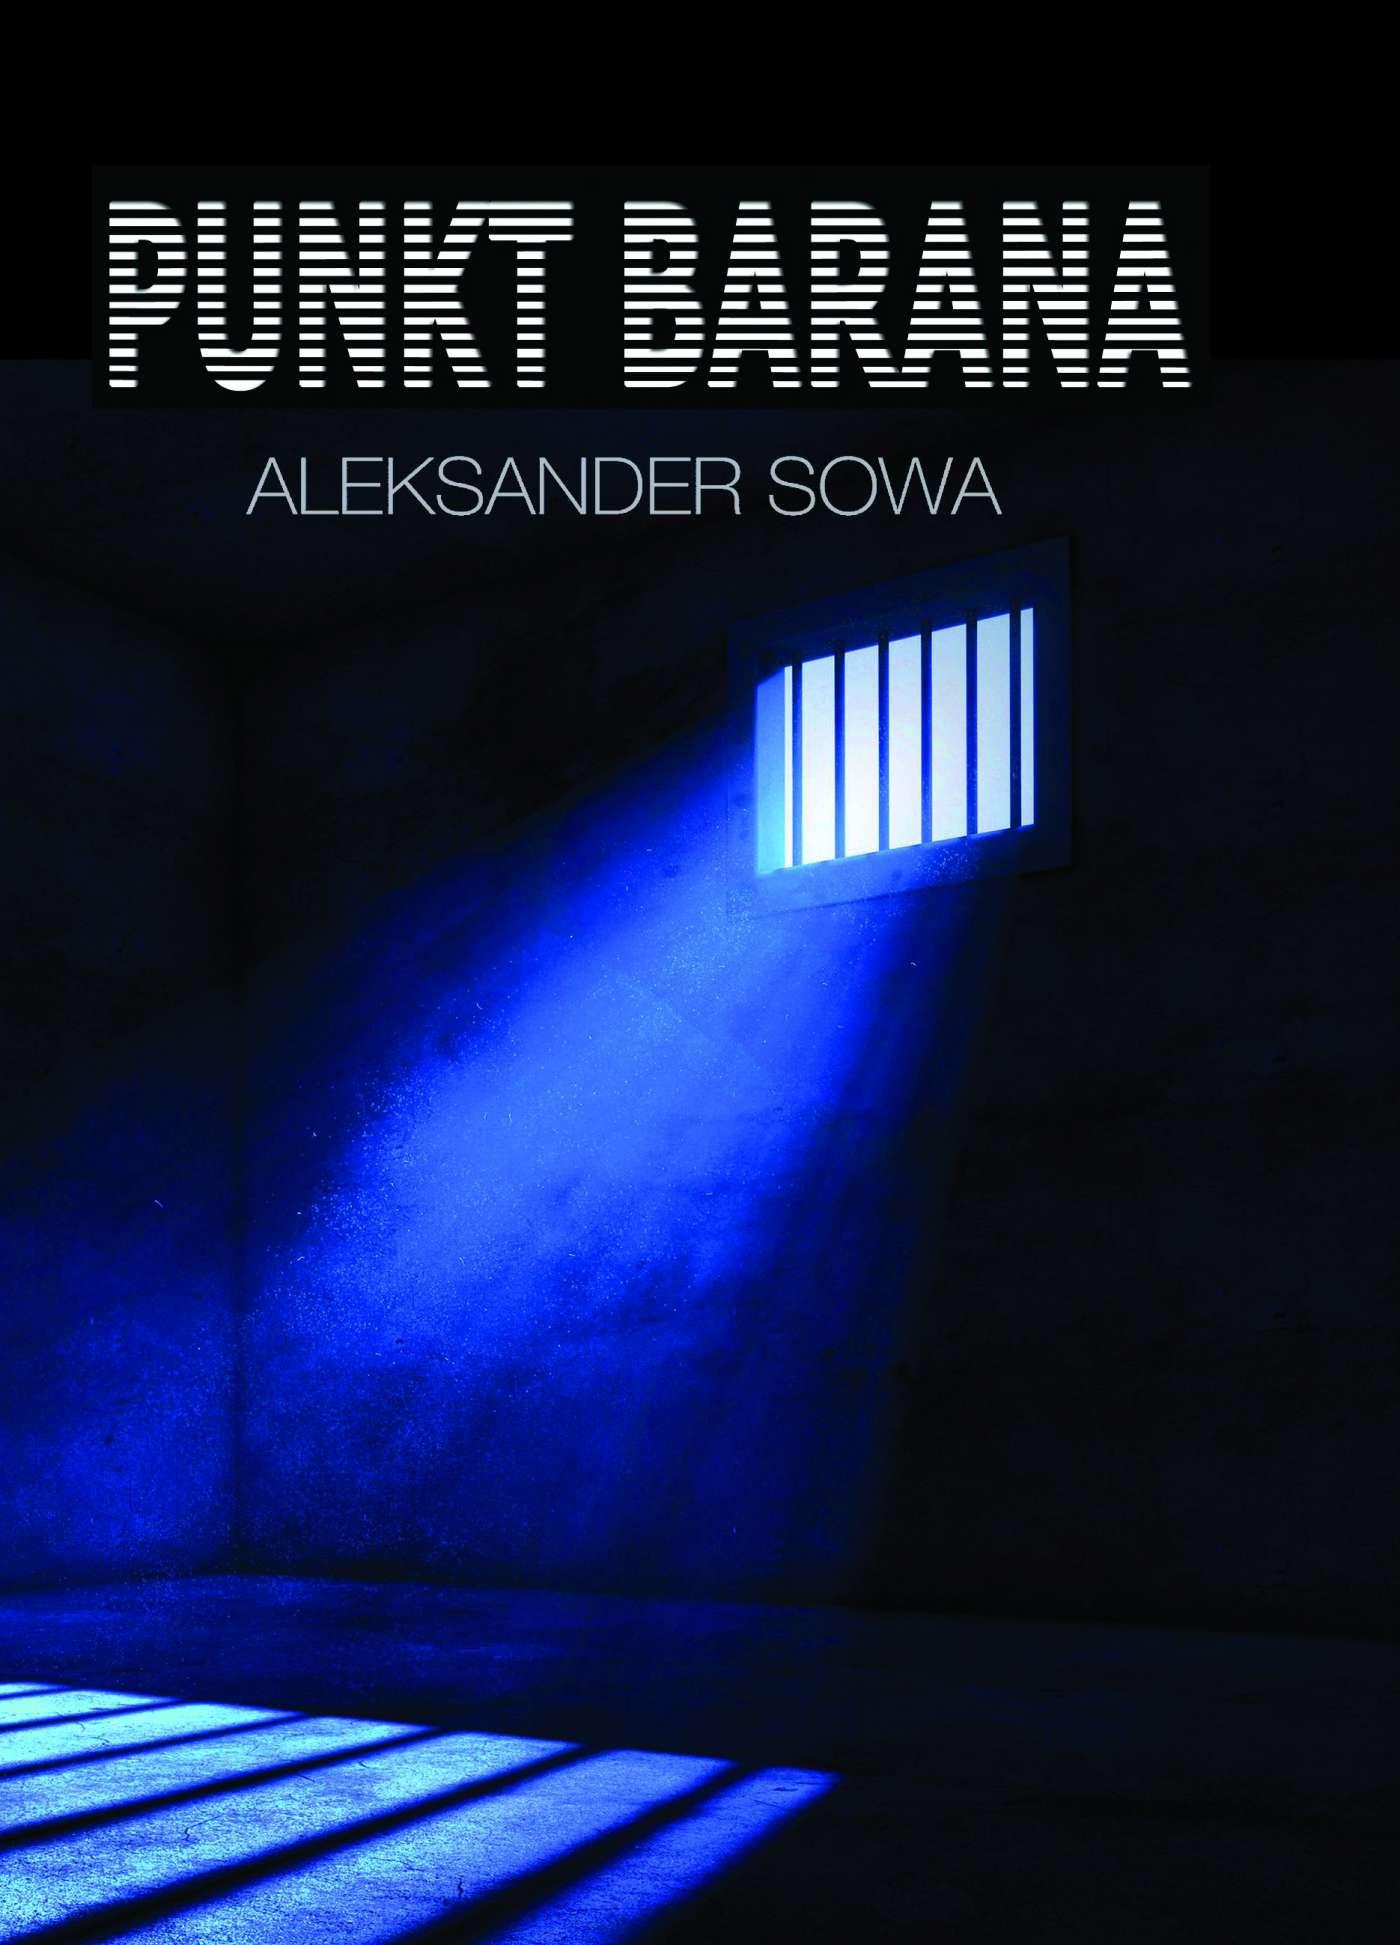 Punkt Barana - Aleksander Sowa